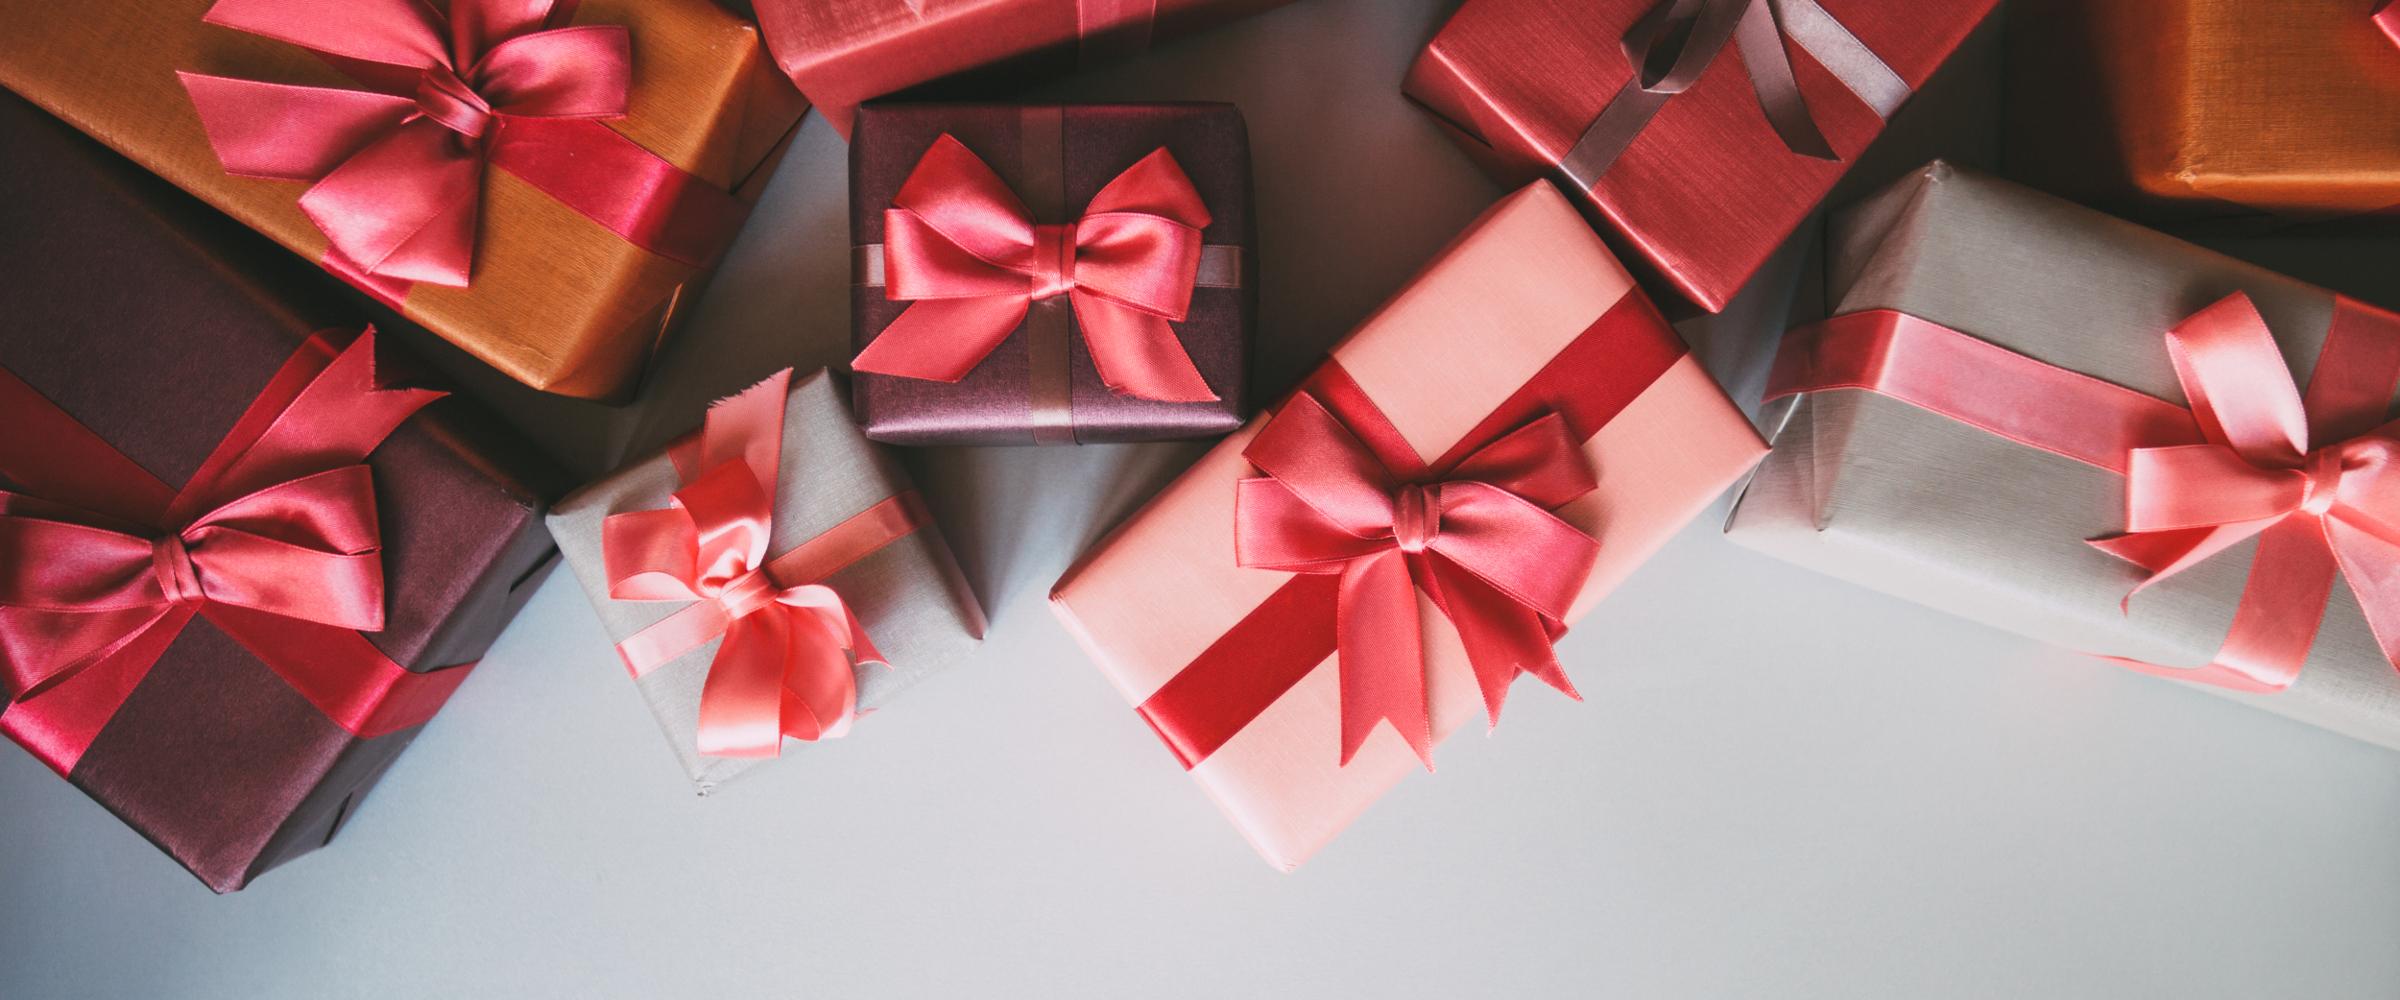 Voucher Shop - il regalo perfetto - San Clemente Palace Kempinski